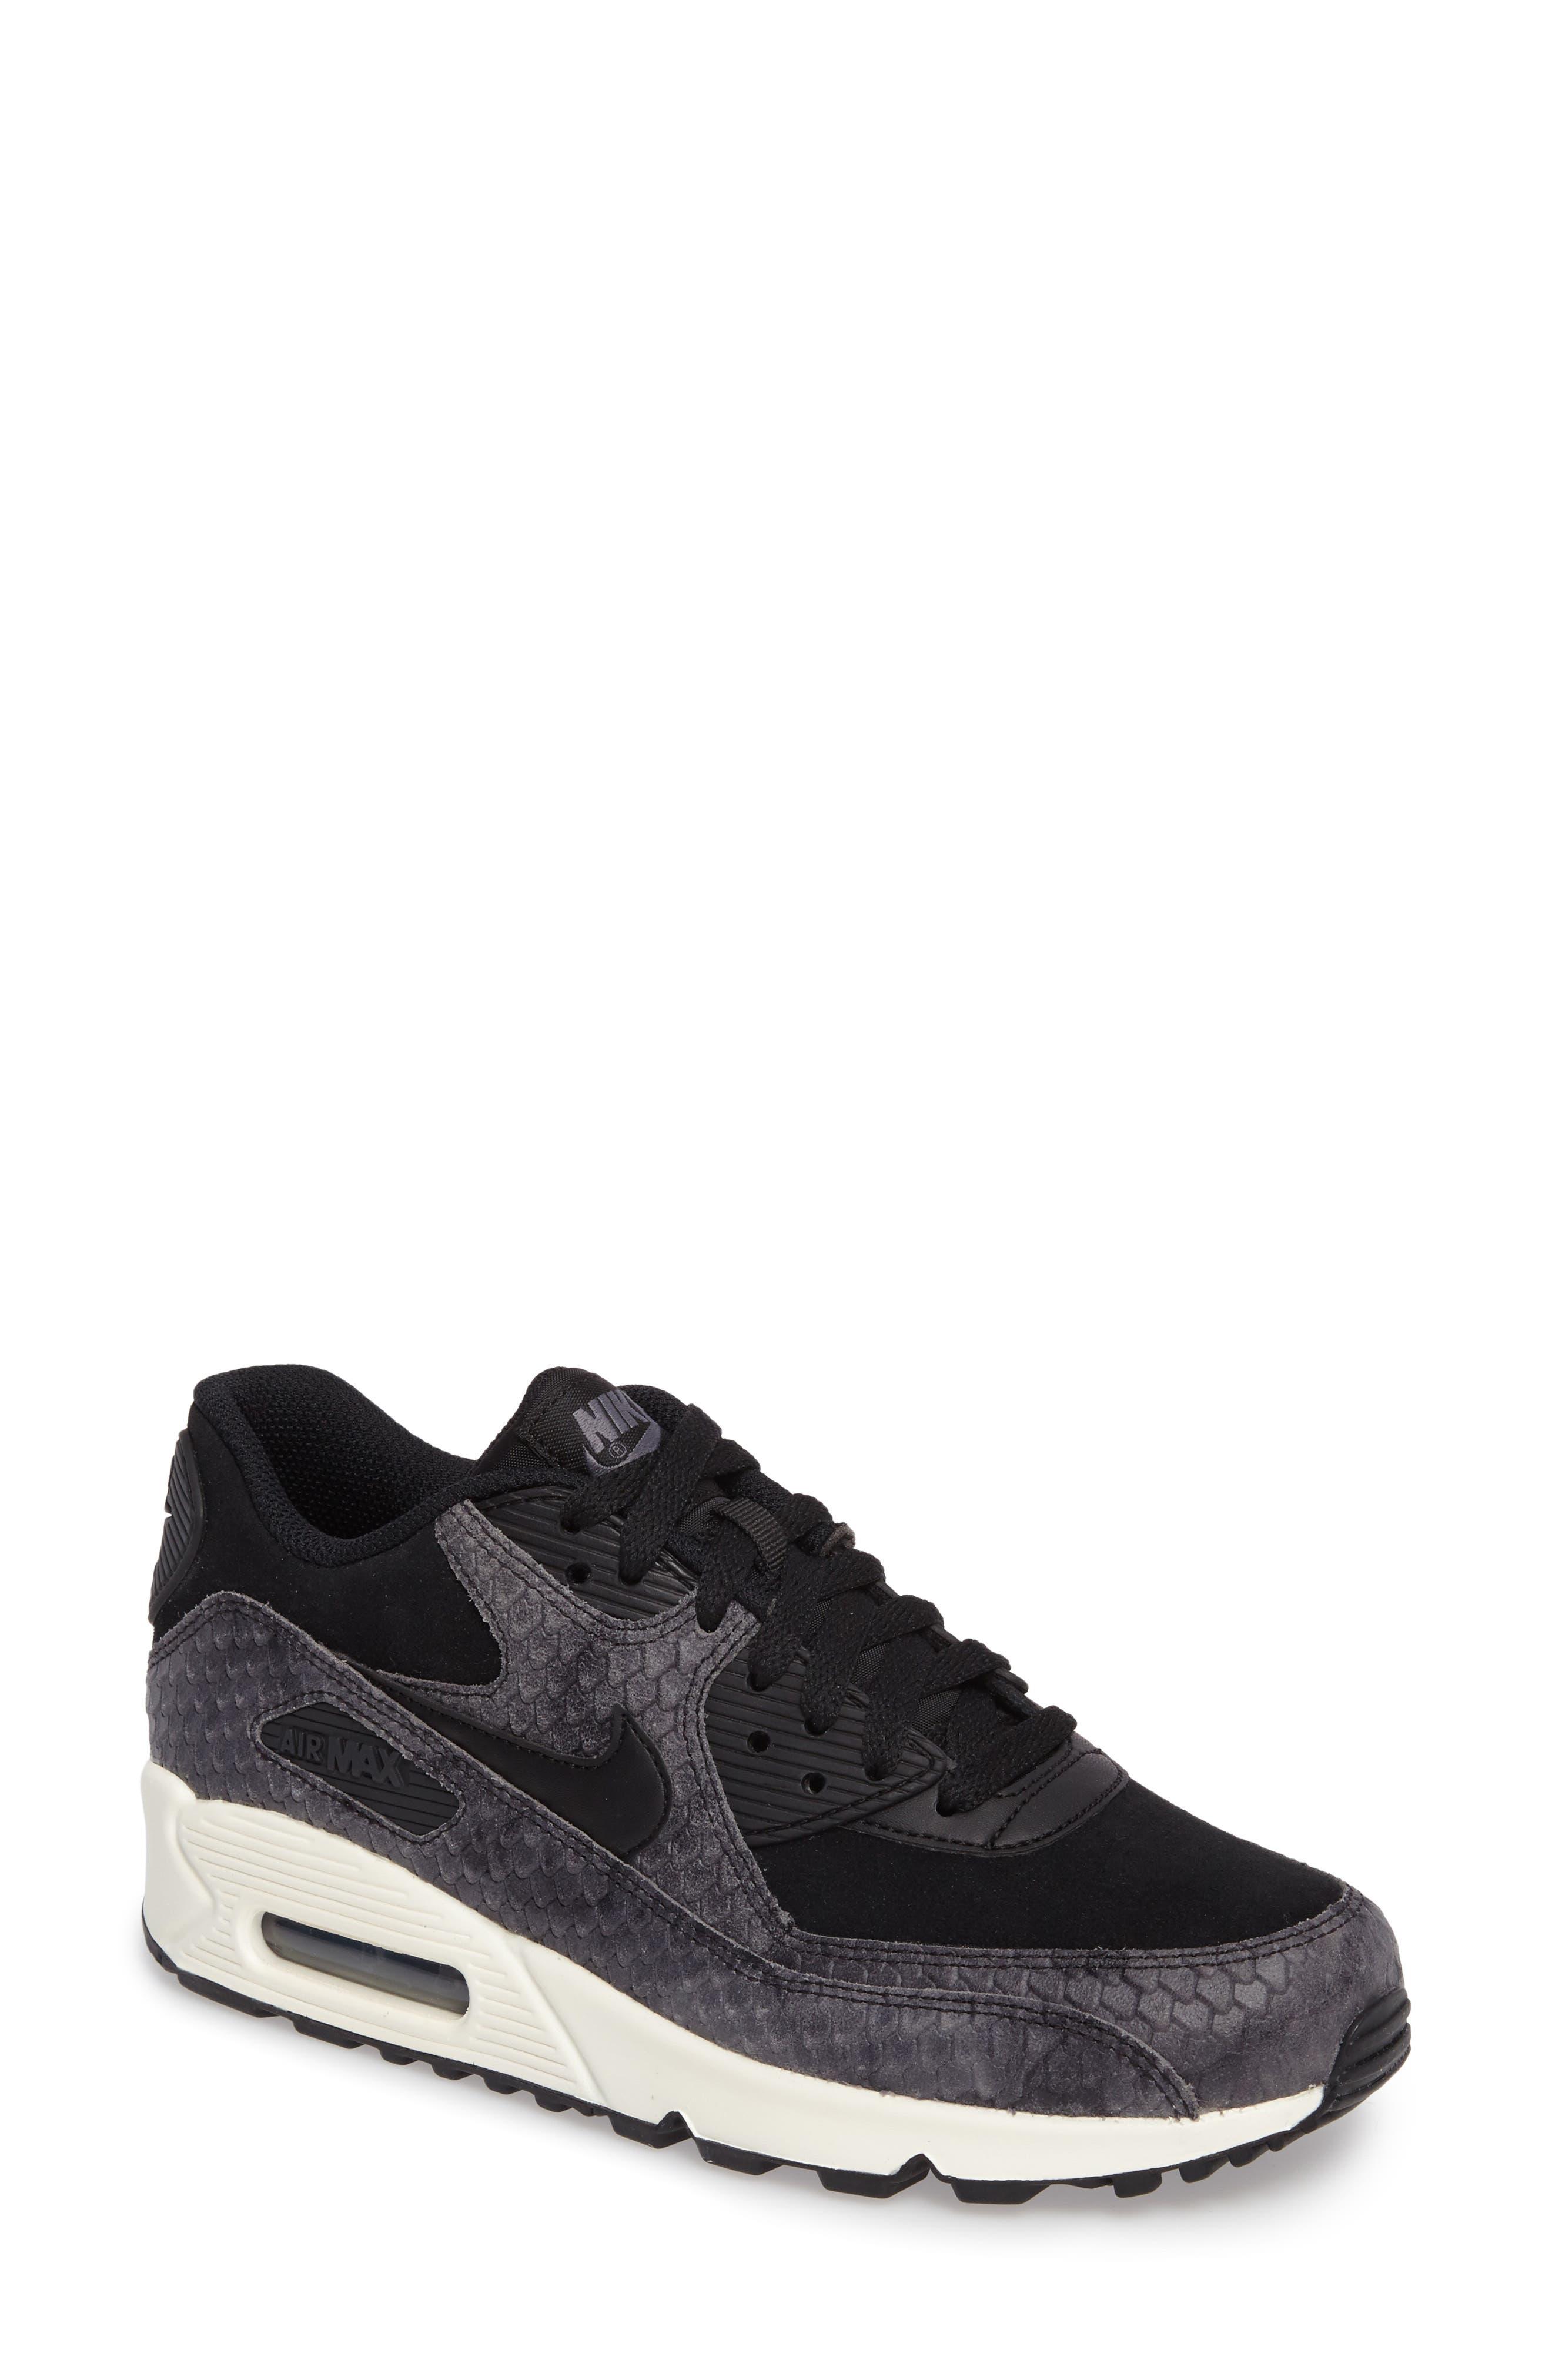 Air Max 90 Embossed Premium Sneaker,                         Main,                         color, 005